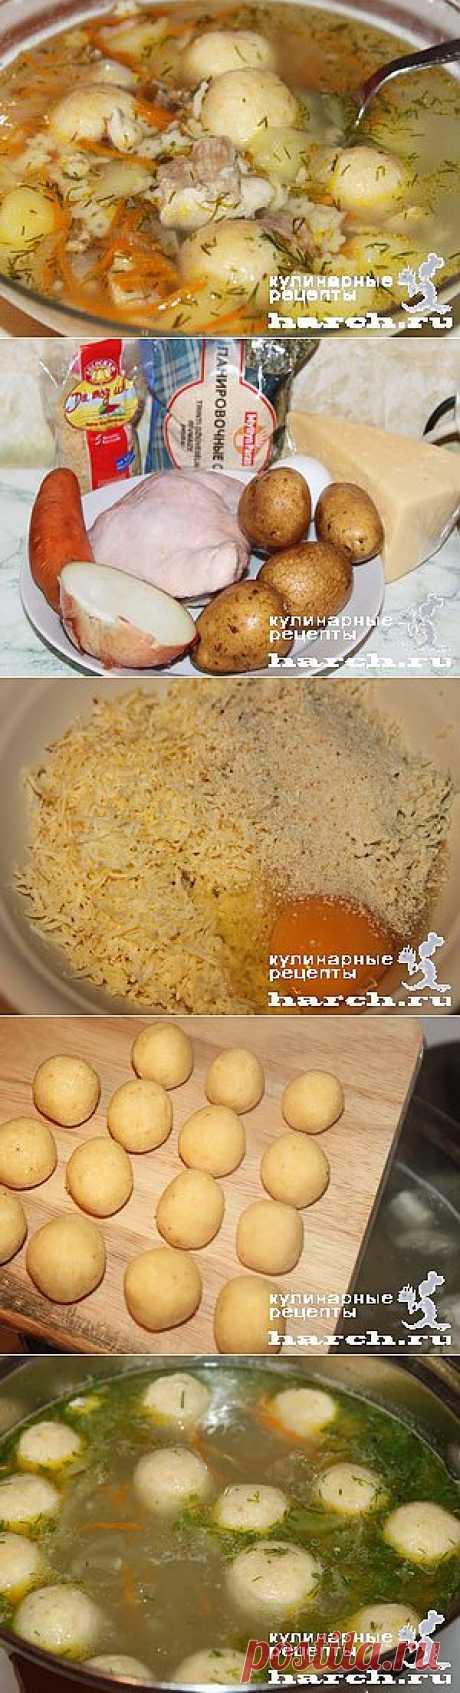 Куриный супчик с сырными колобками | Харч.ру - рецепты для любителей вкусно поесть